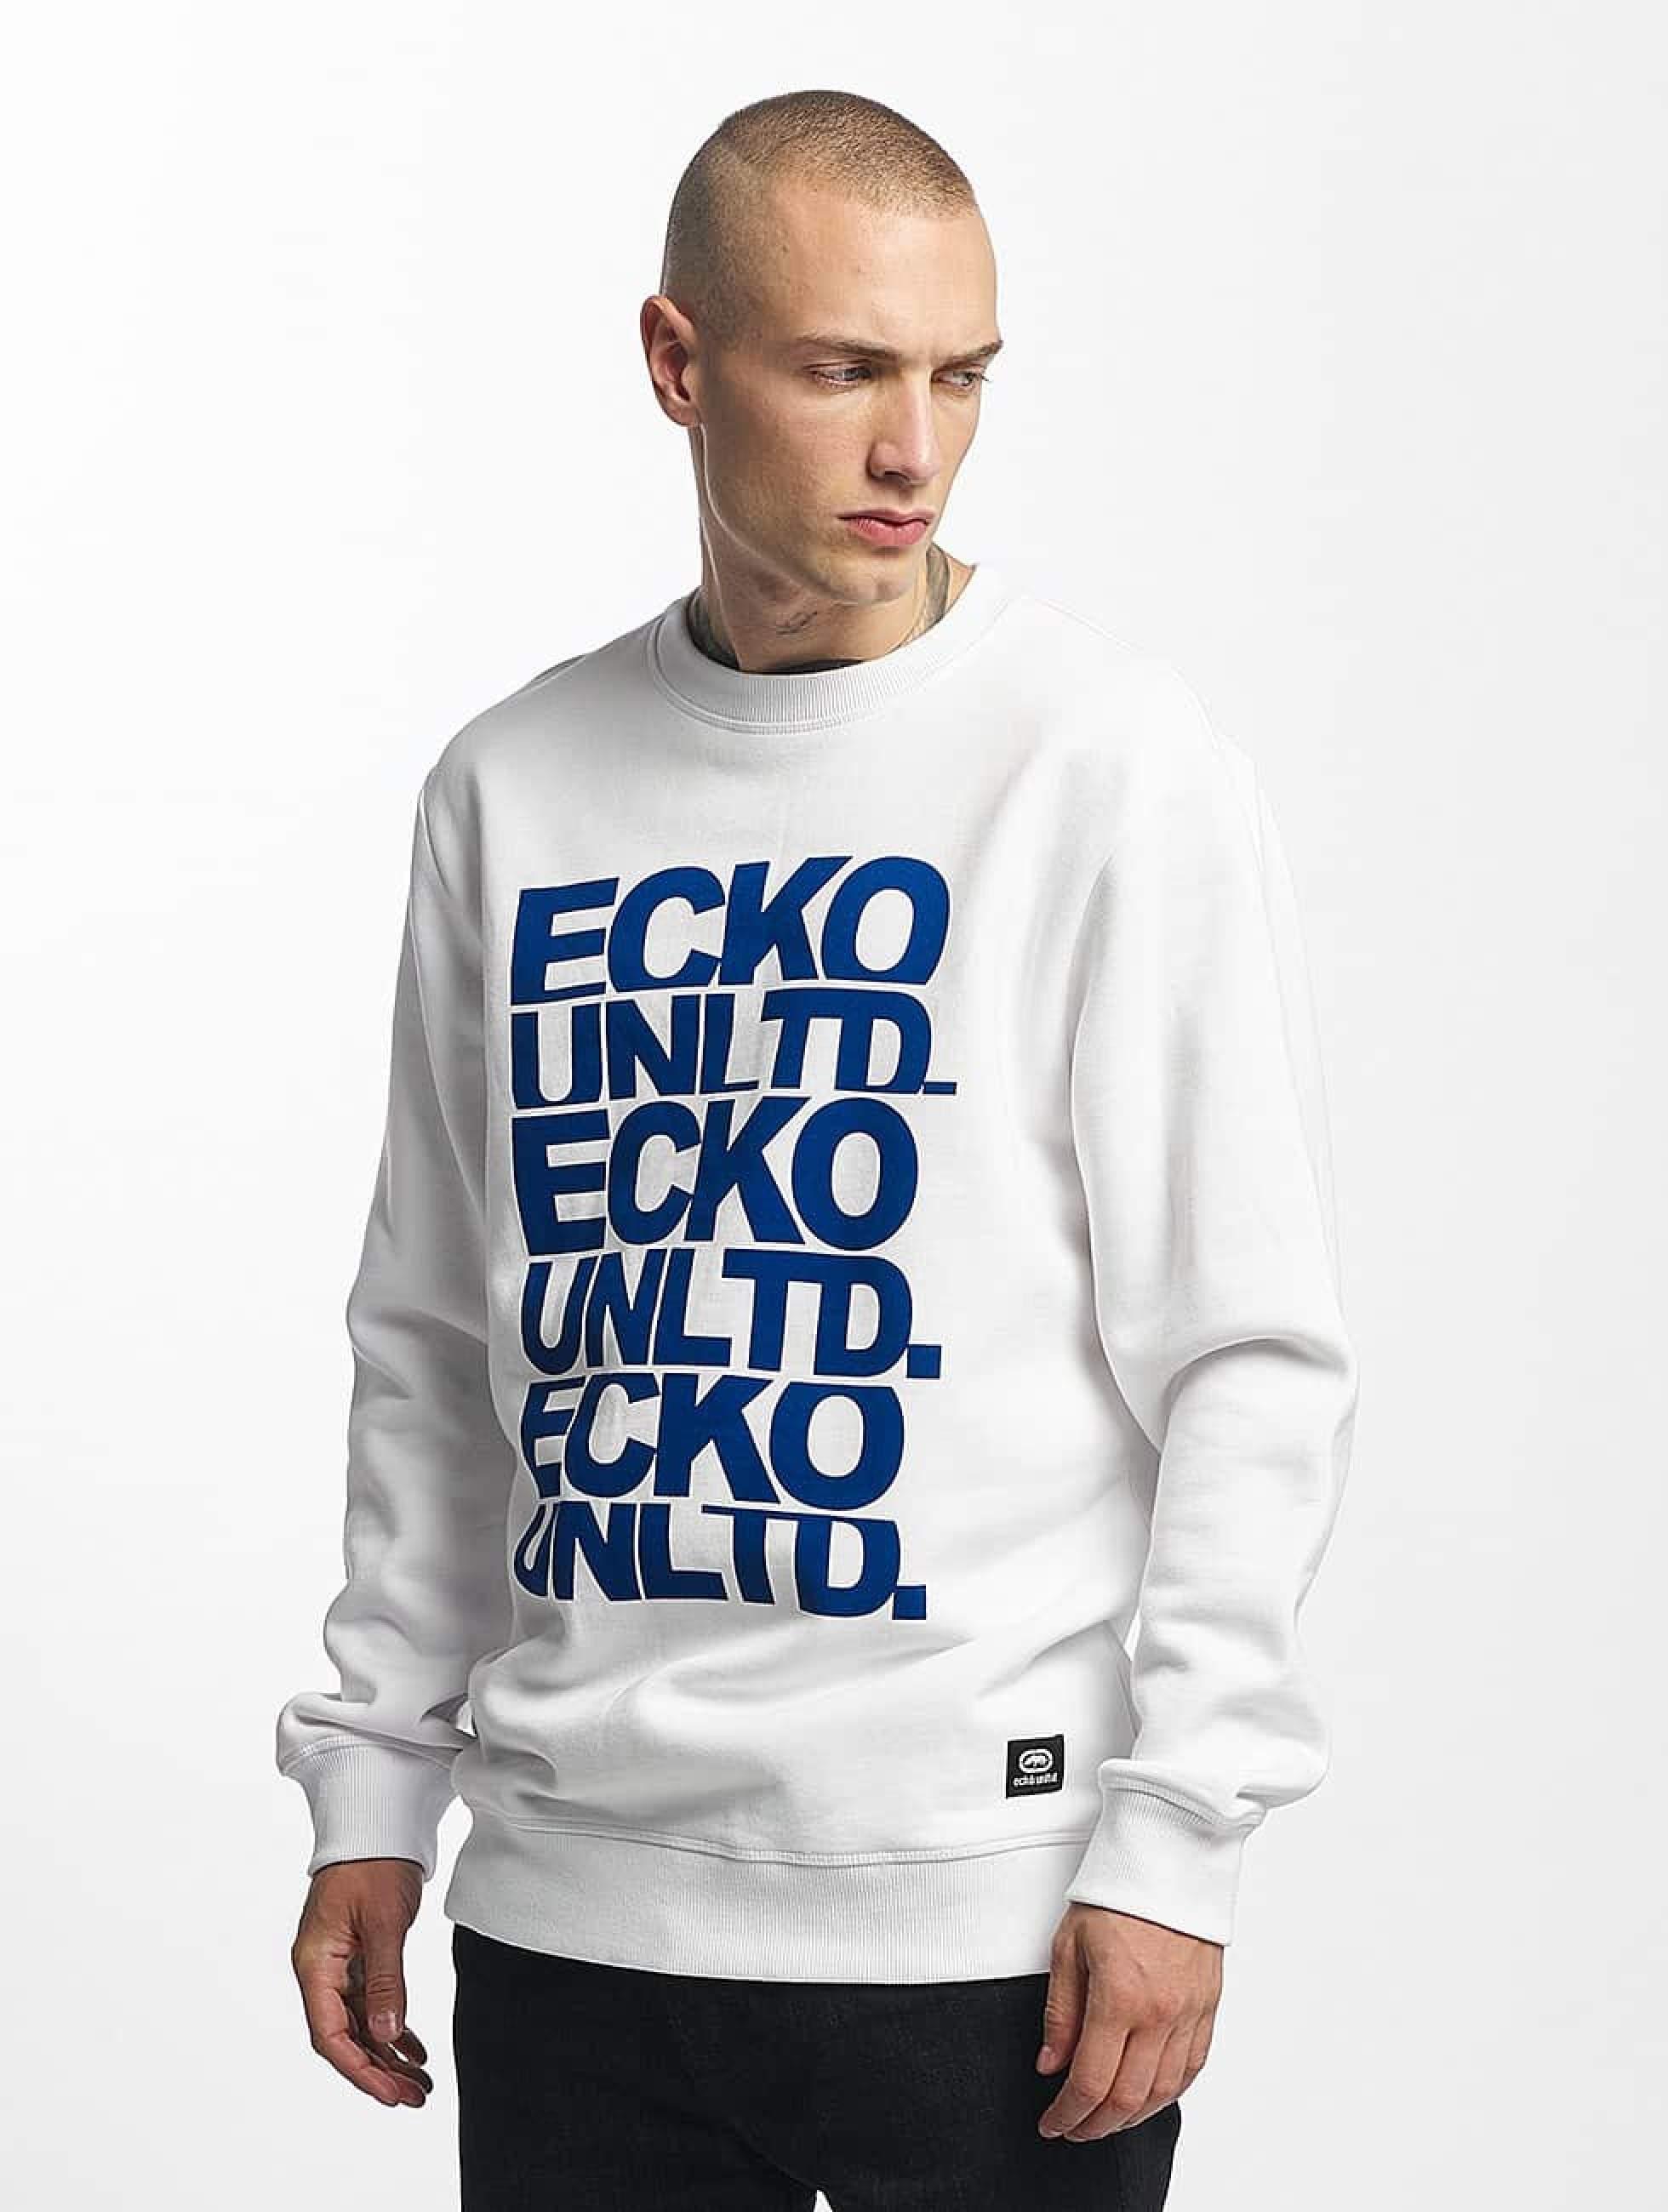 Ecko Unltd. / Jumper Fuerteventura in white 2XL